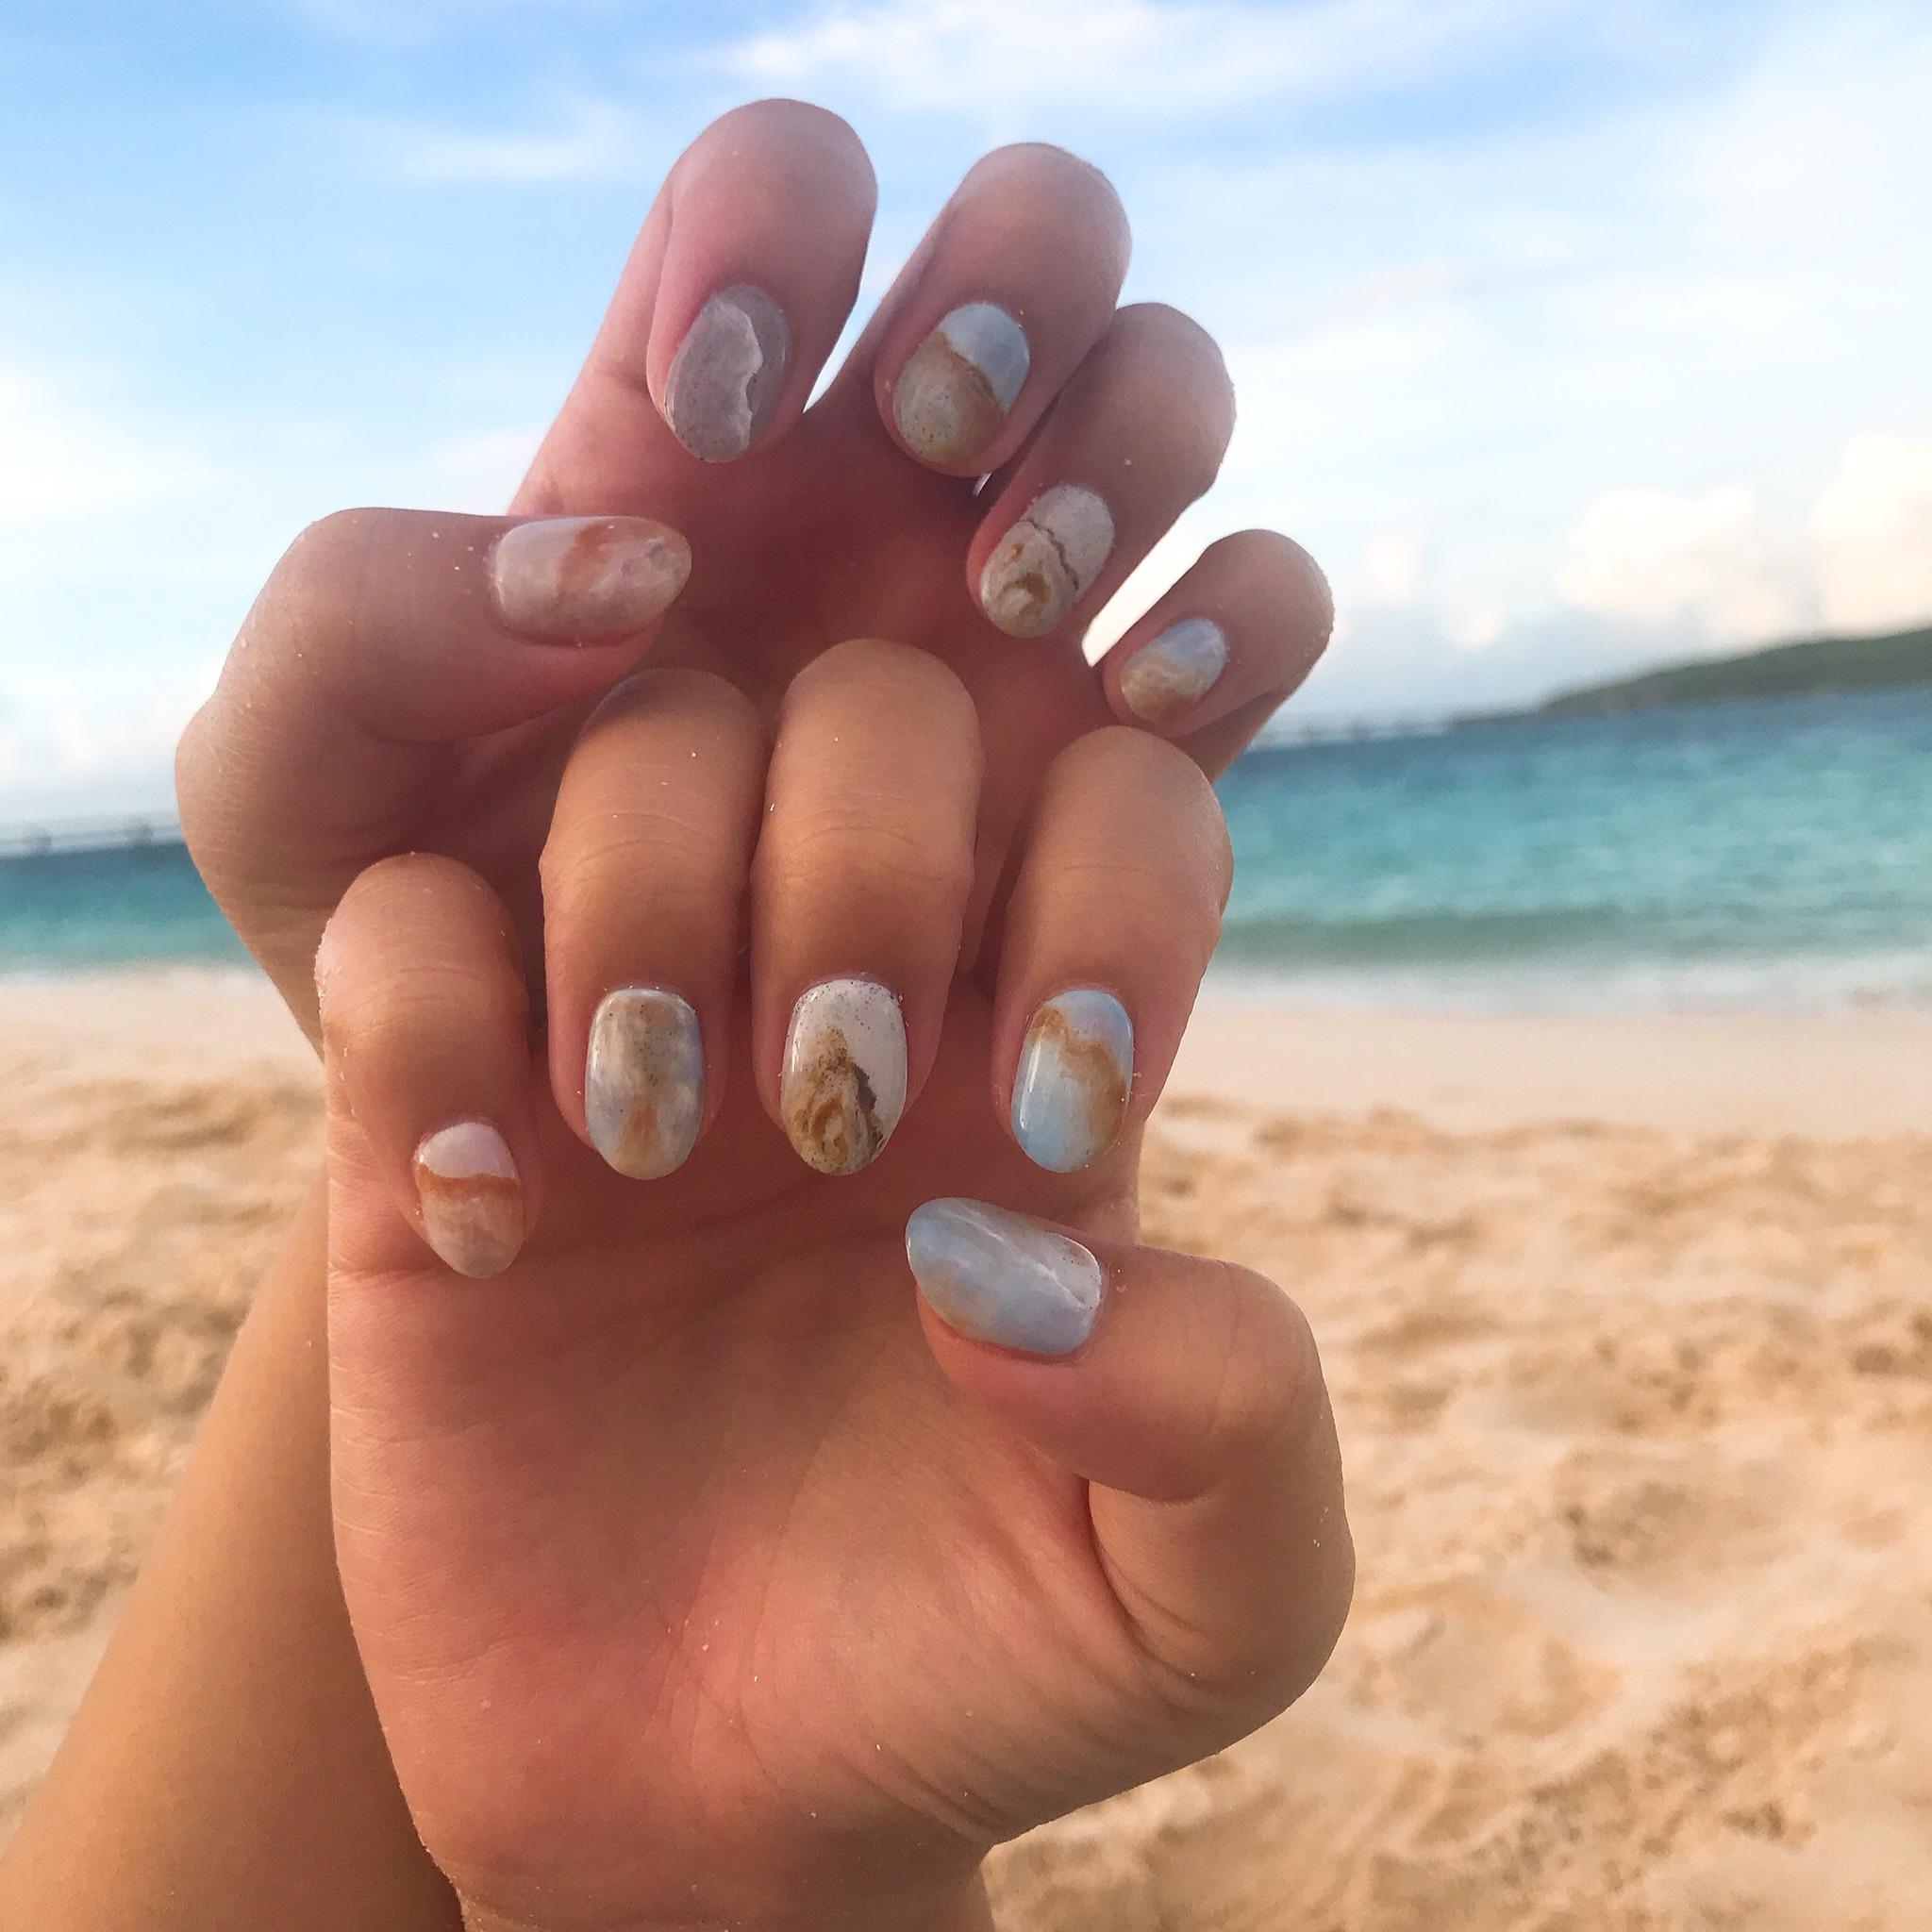 【夏ネイル・マニキュア】ビーチで映える夏にぴったり砂浜ネイル_2